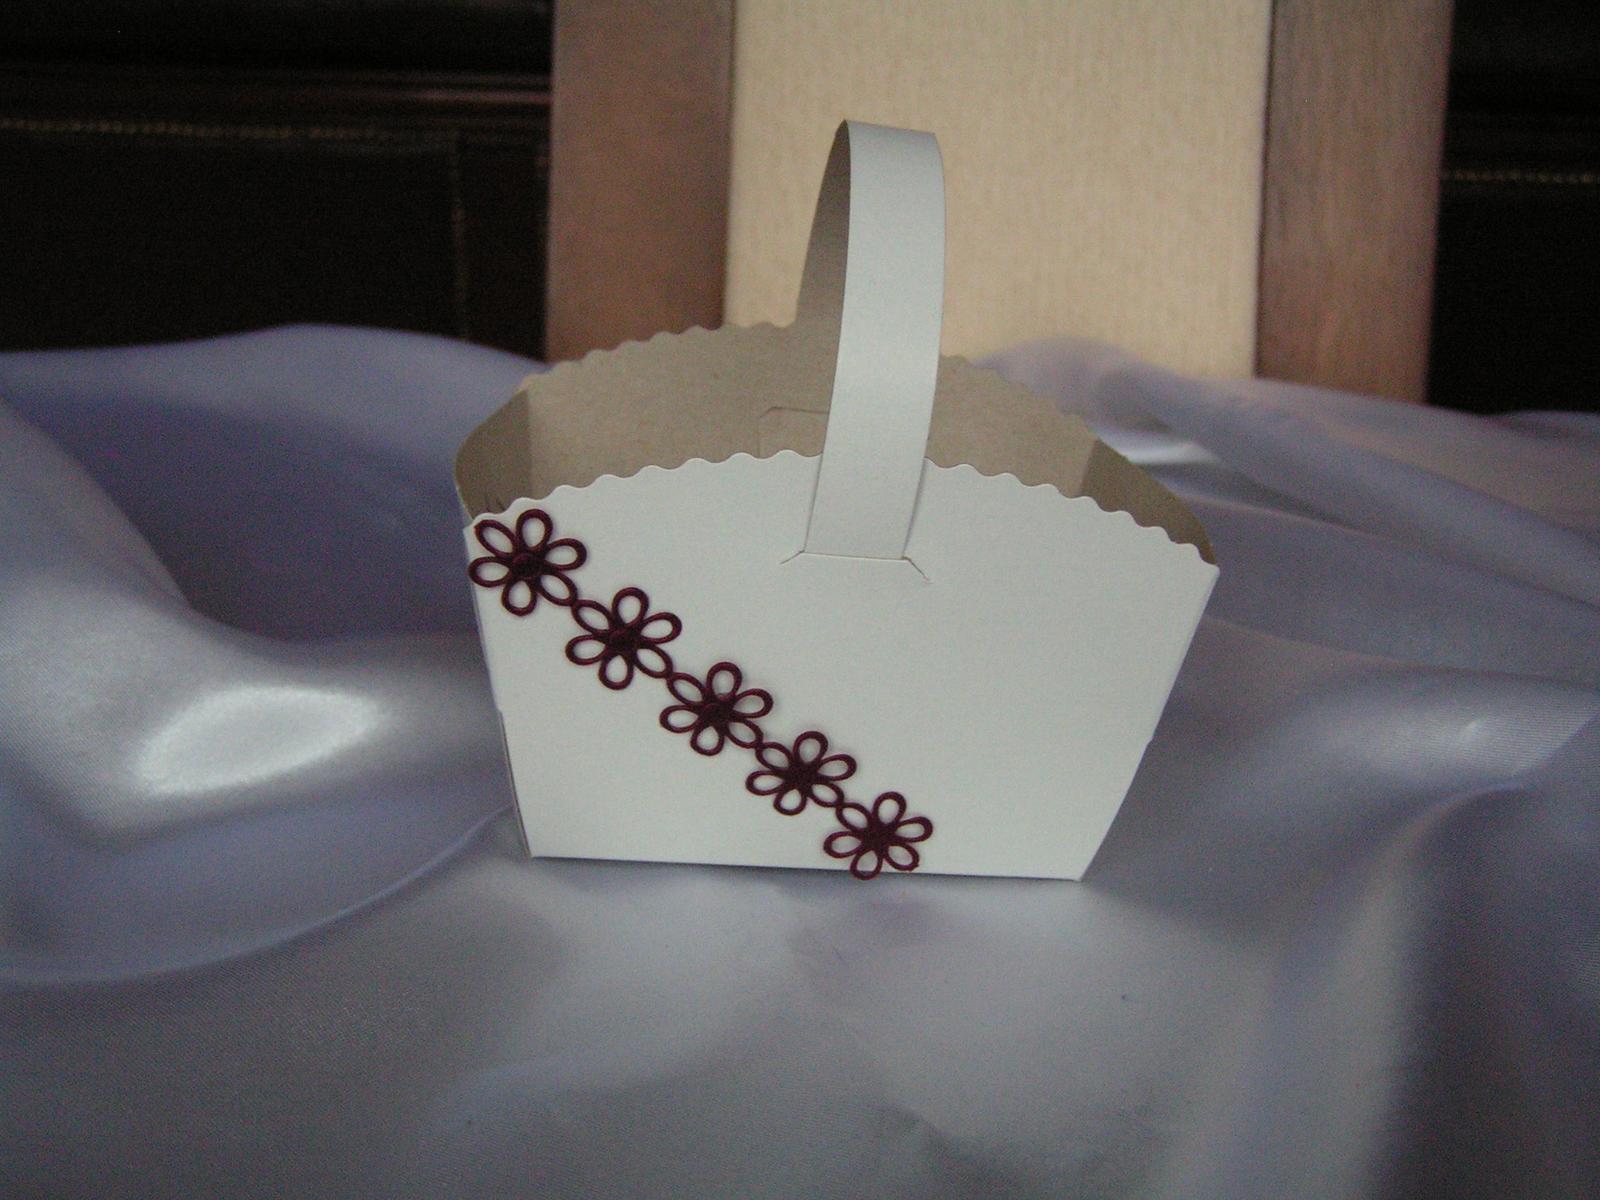 Košíčky na koláčky - Obrázek č. 2